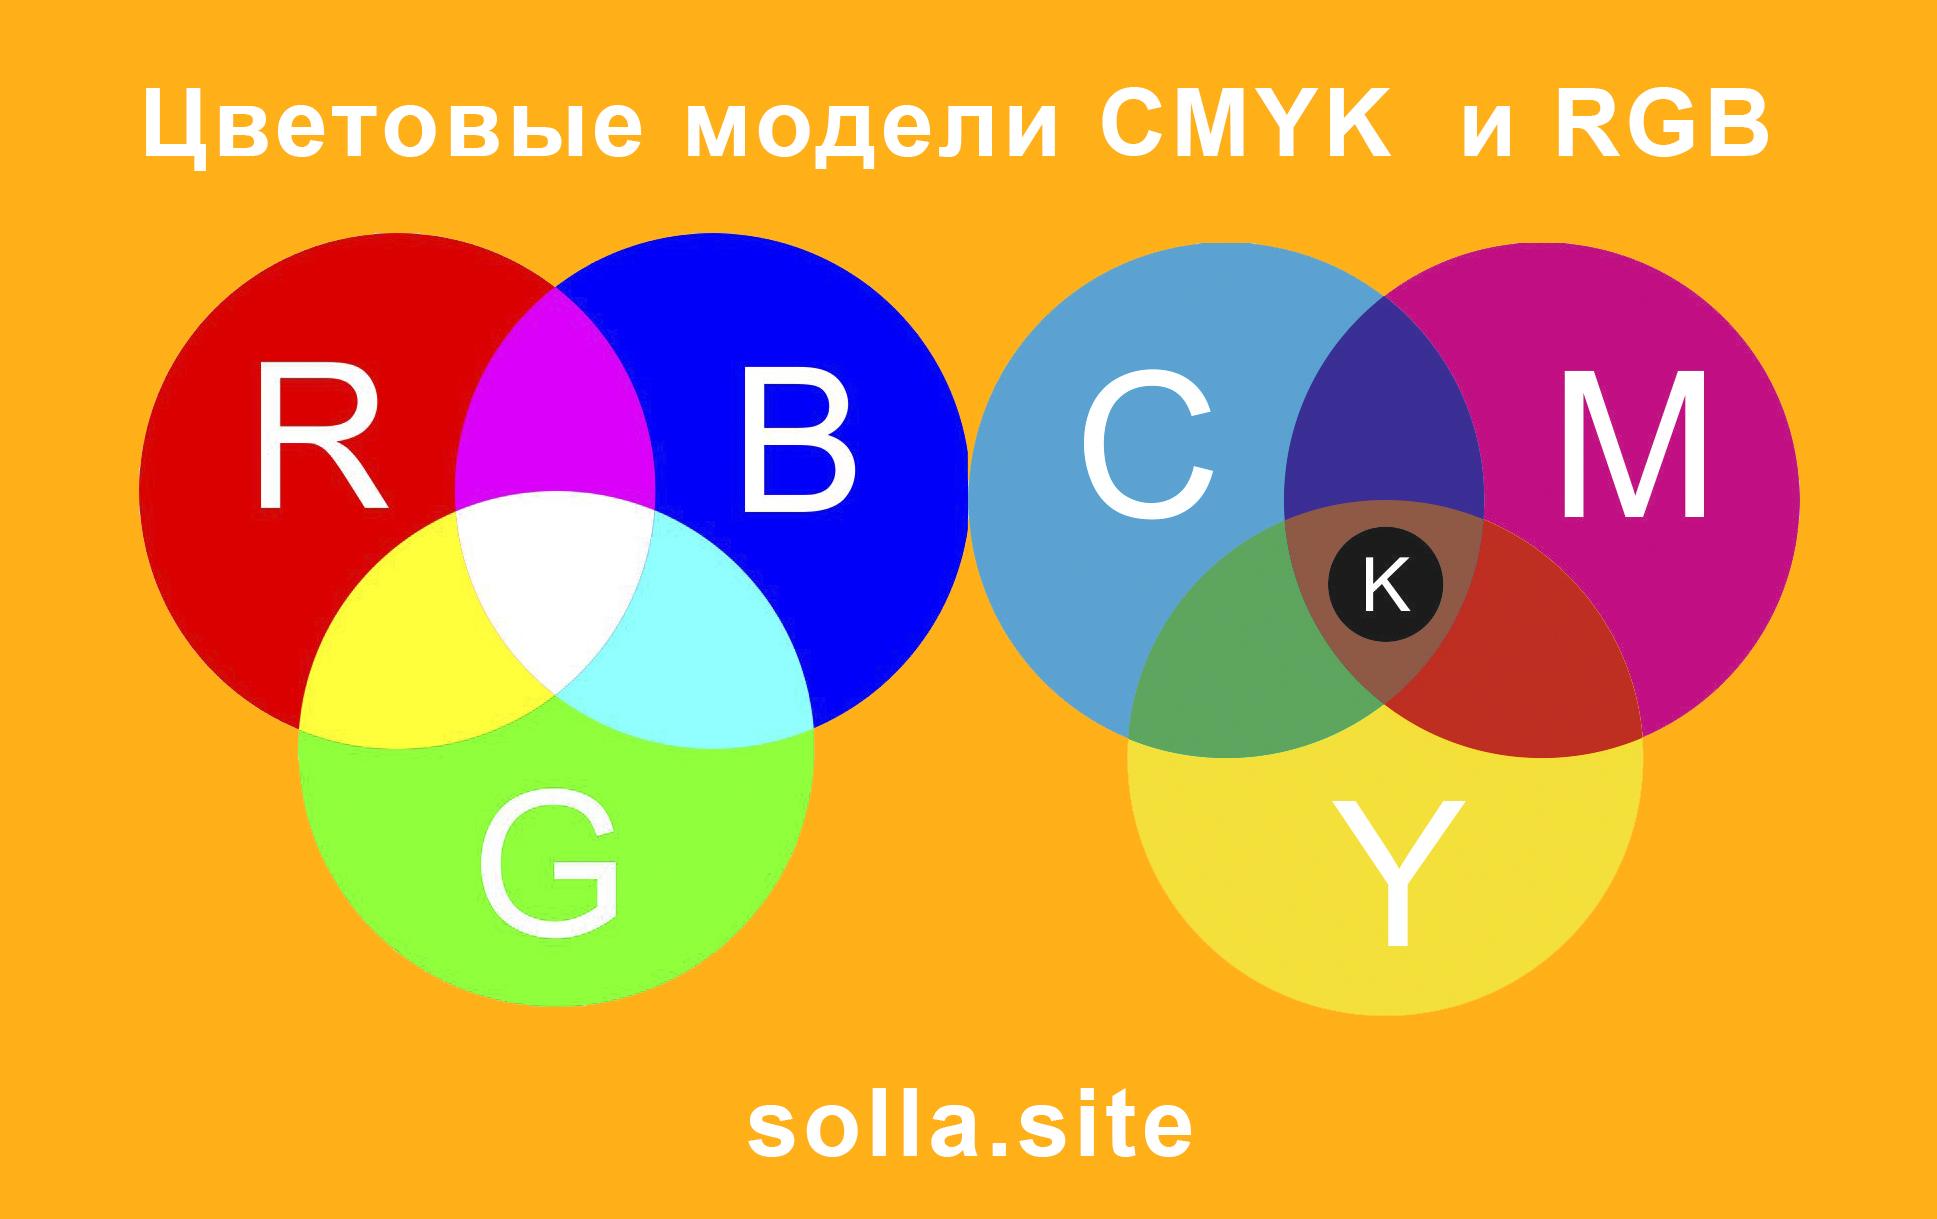 Цветовые модели CMYK и RGB в компьютерной графике